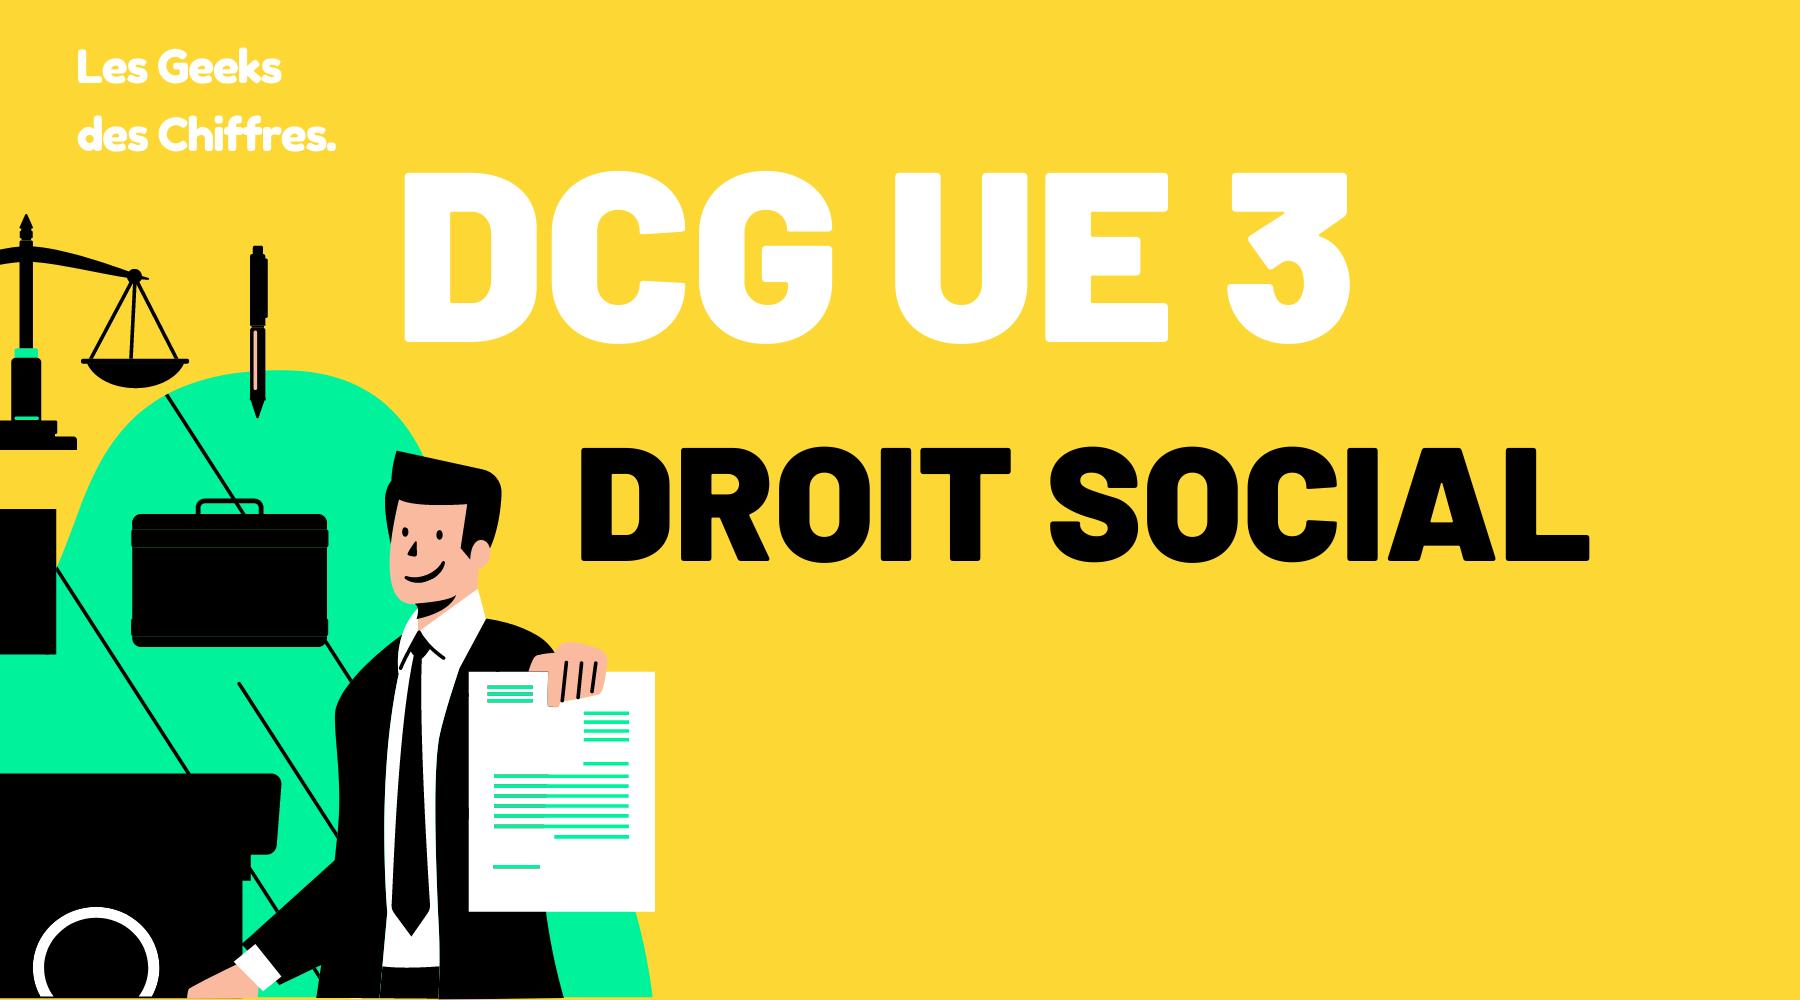 DCG UE 3 DROIT SOCIAL.png